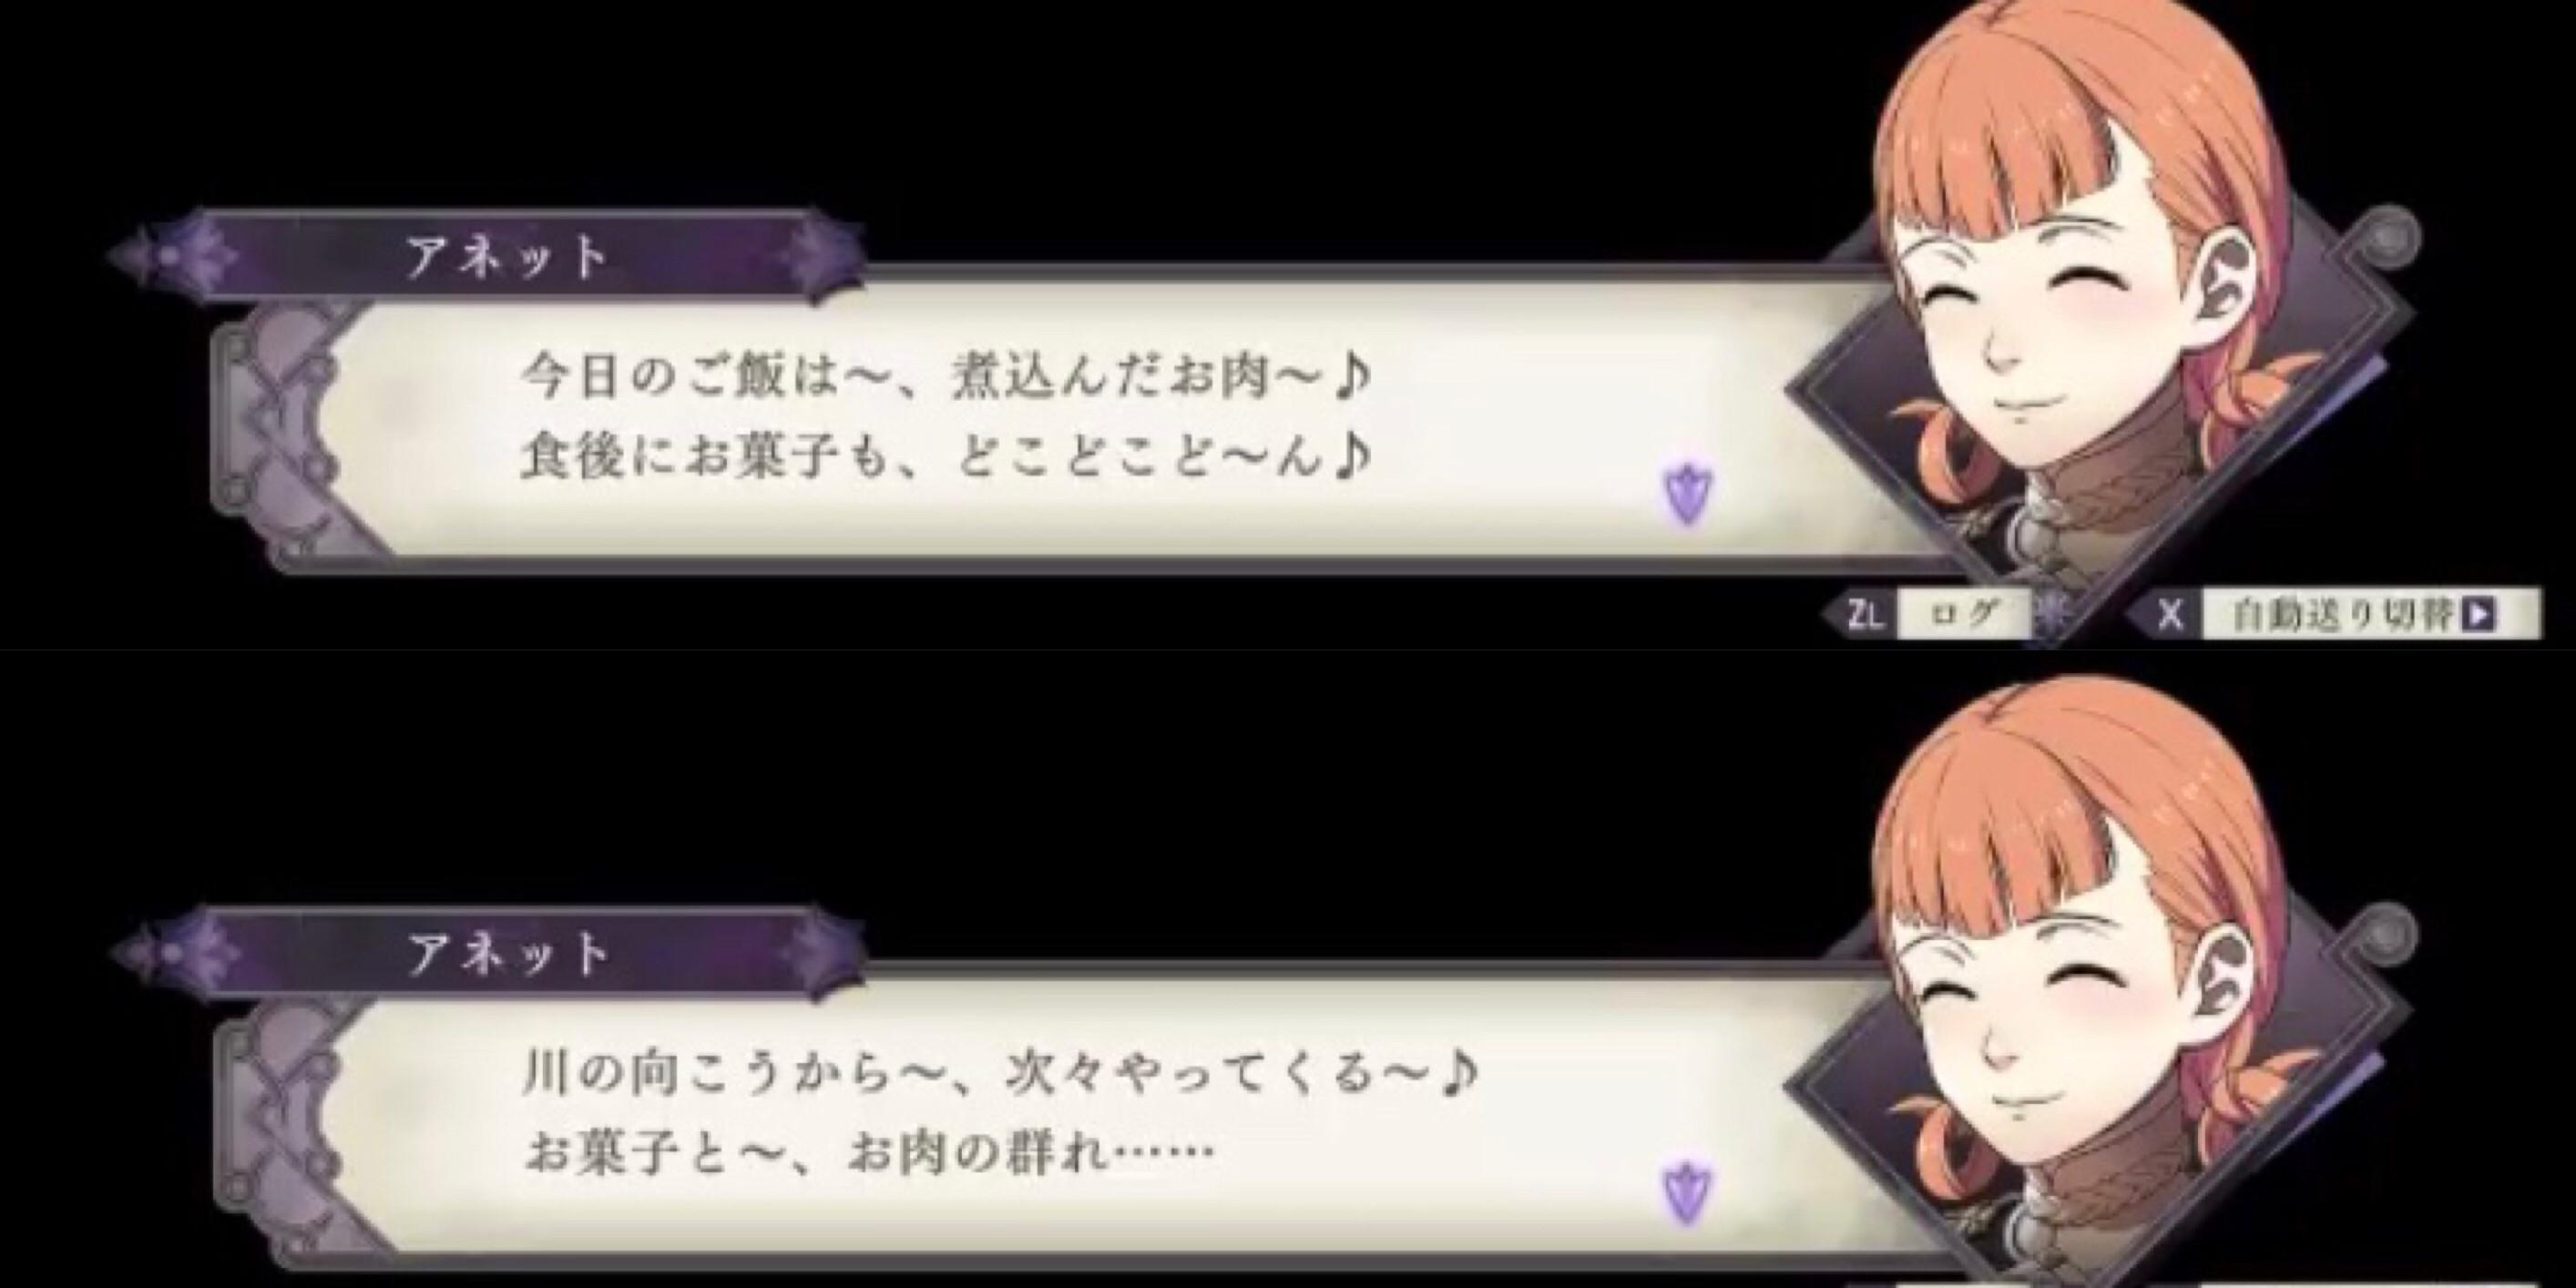 vTXaLRt - 【悲報】ファイアーエムブレム風花雪月、かわいい女ユニットがベルナデッタしかいない